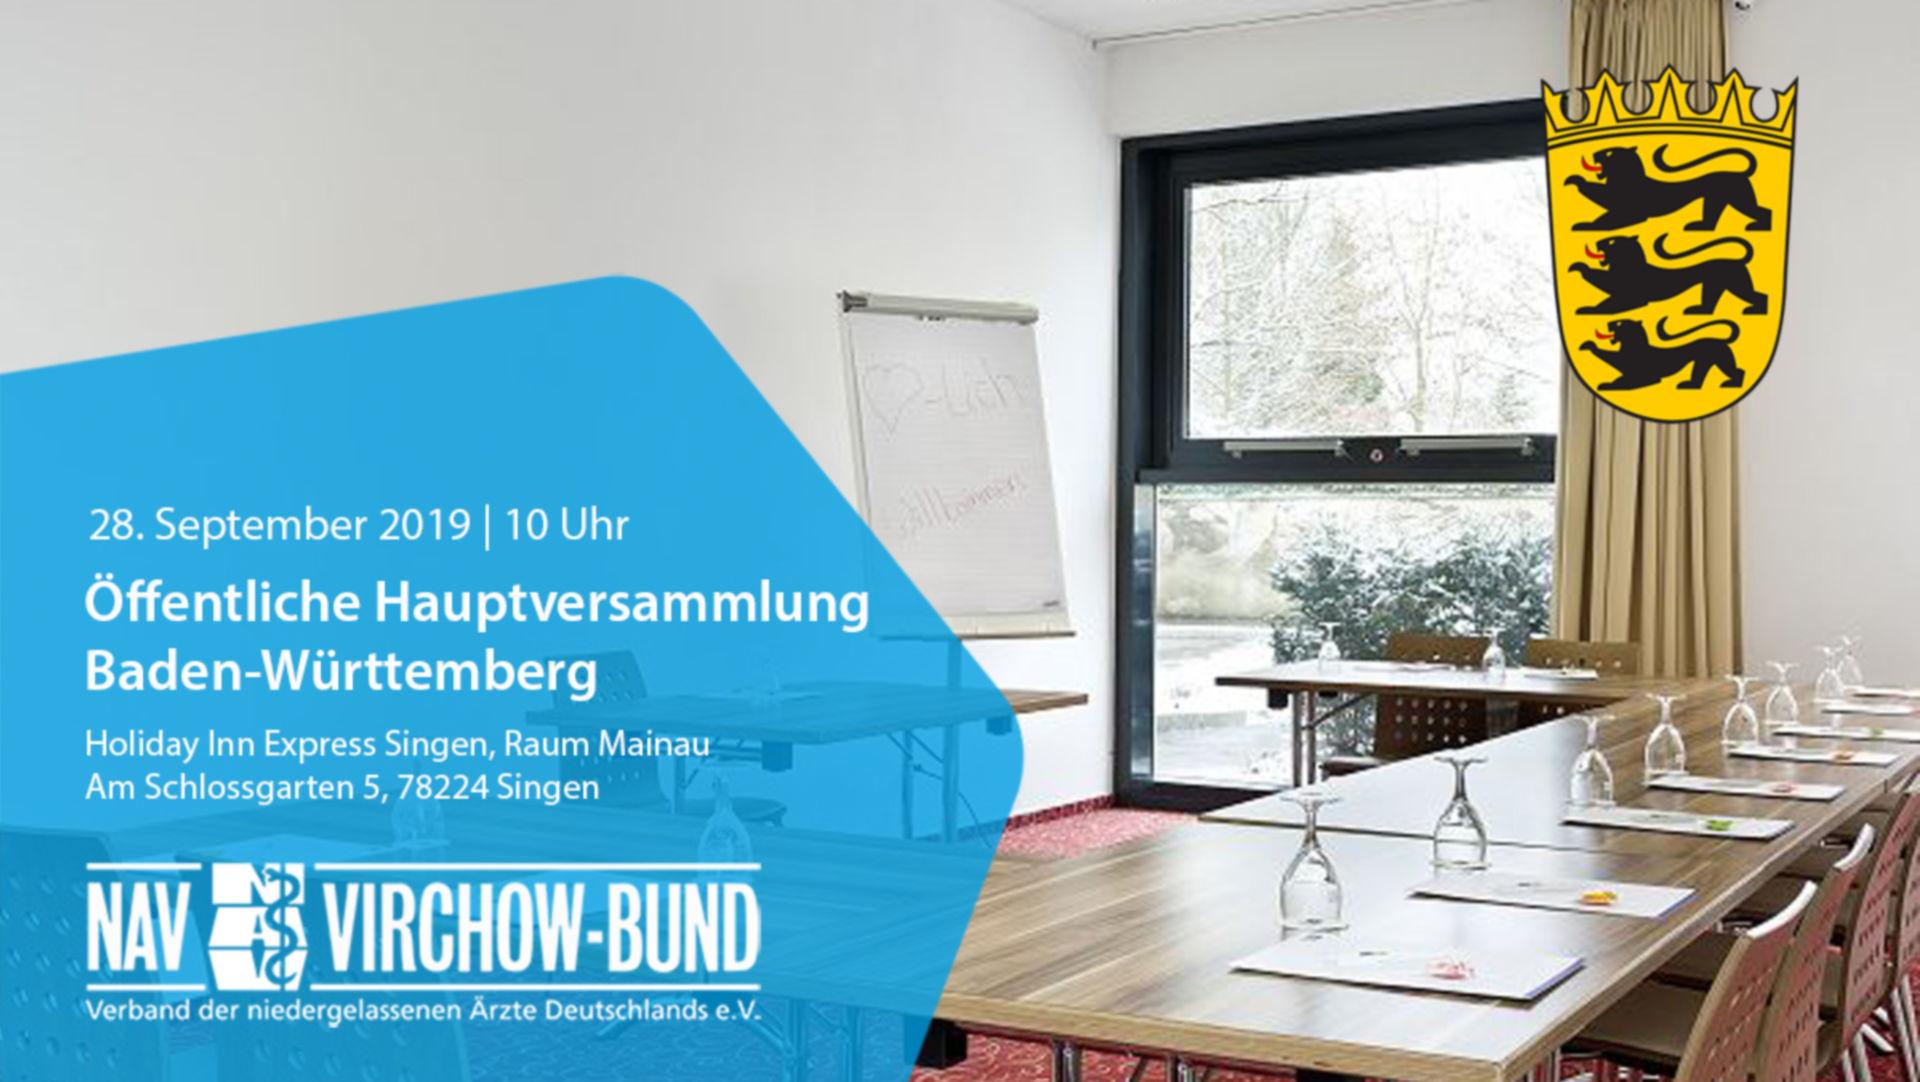 Einladung: Landeshauptversammlung Baden-Württemberg im NAV-Virchow-Bund